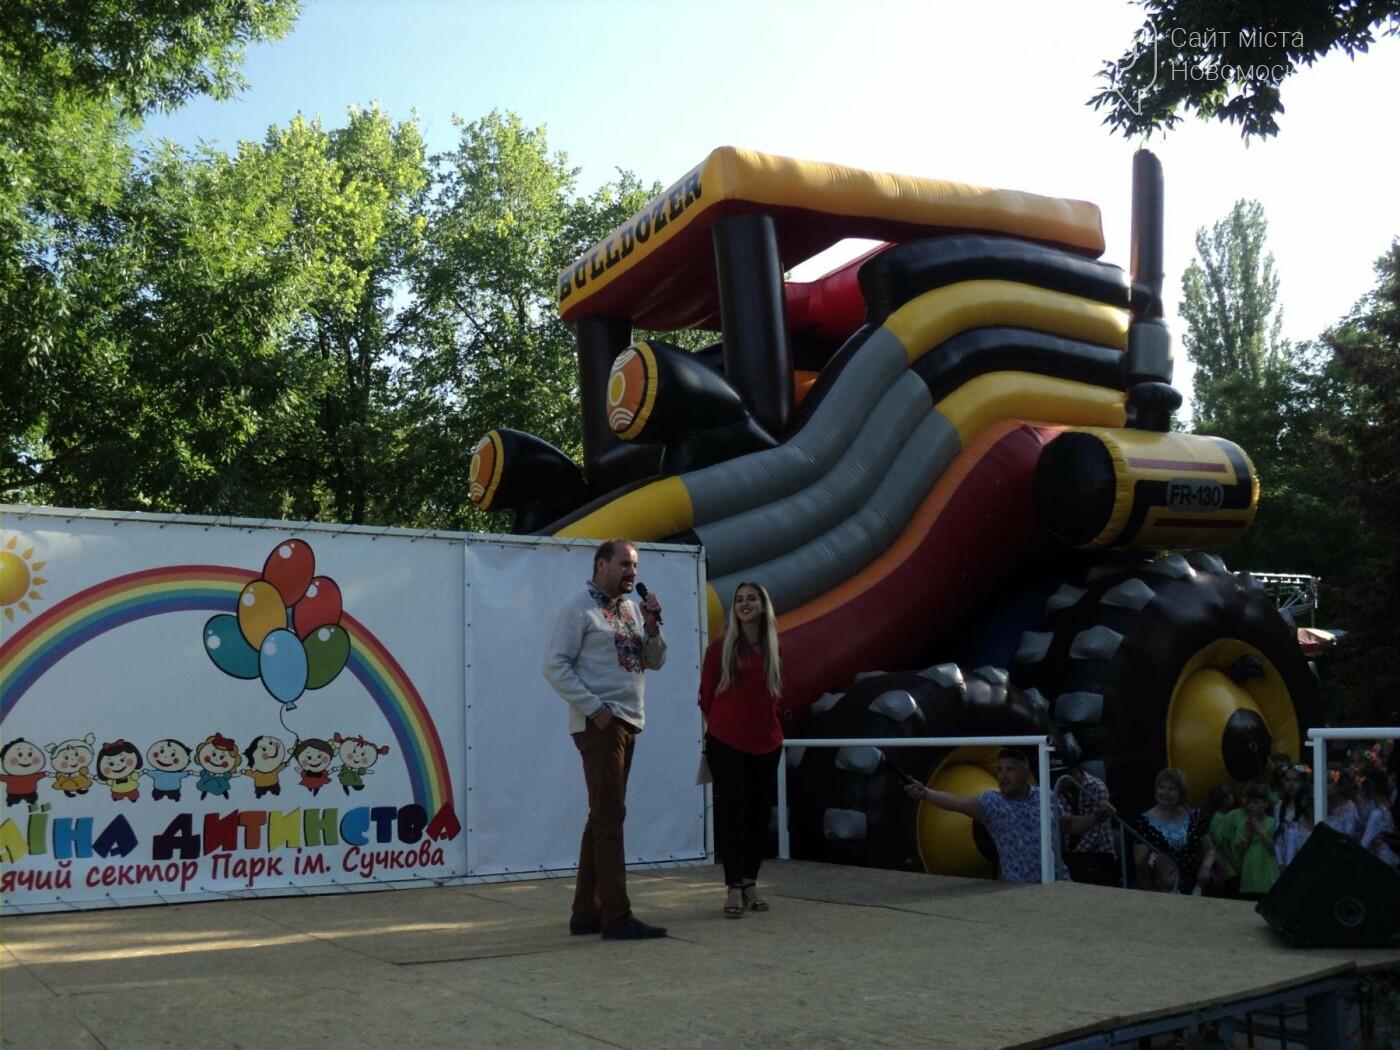 Юні артисти Новомосковська влаштували яскравий концерт до Міжнародного дня захисту дітей, фото-6